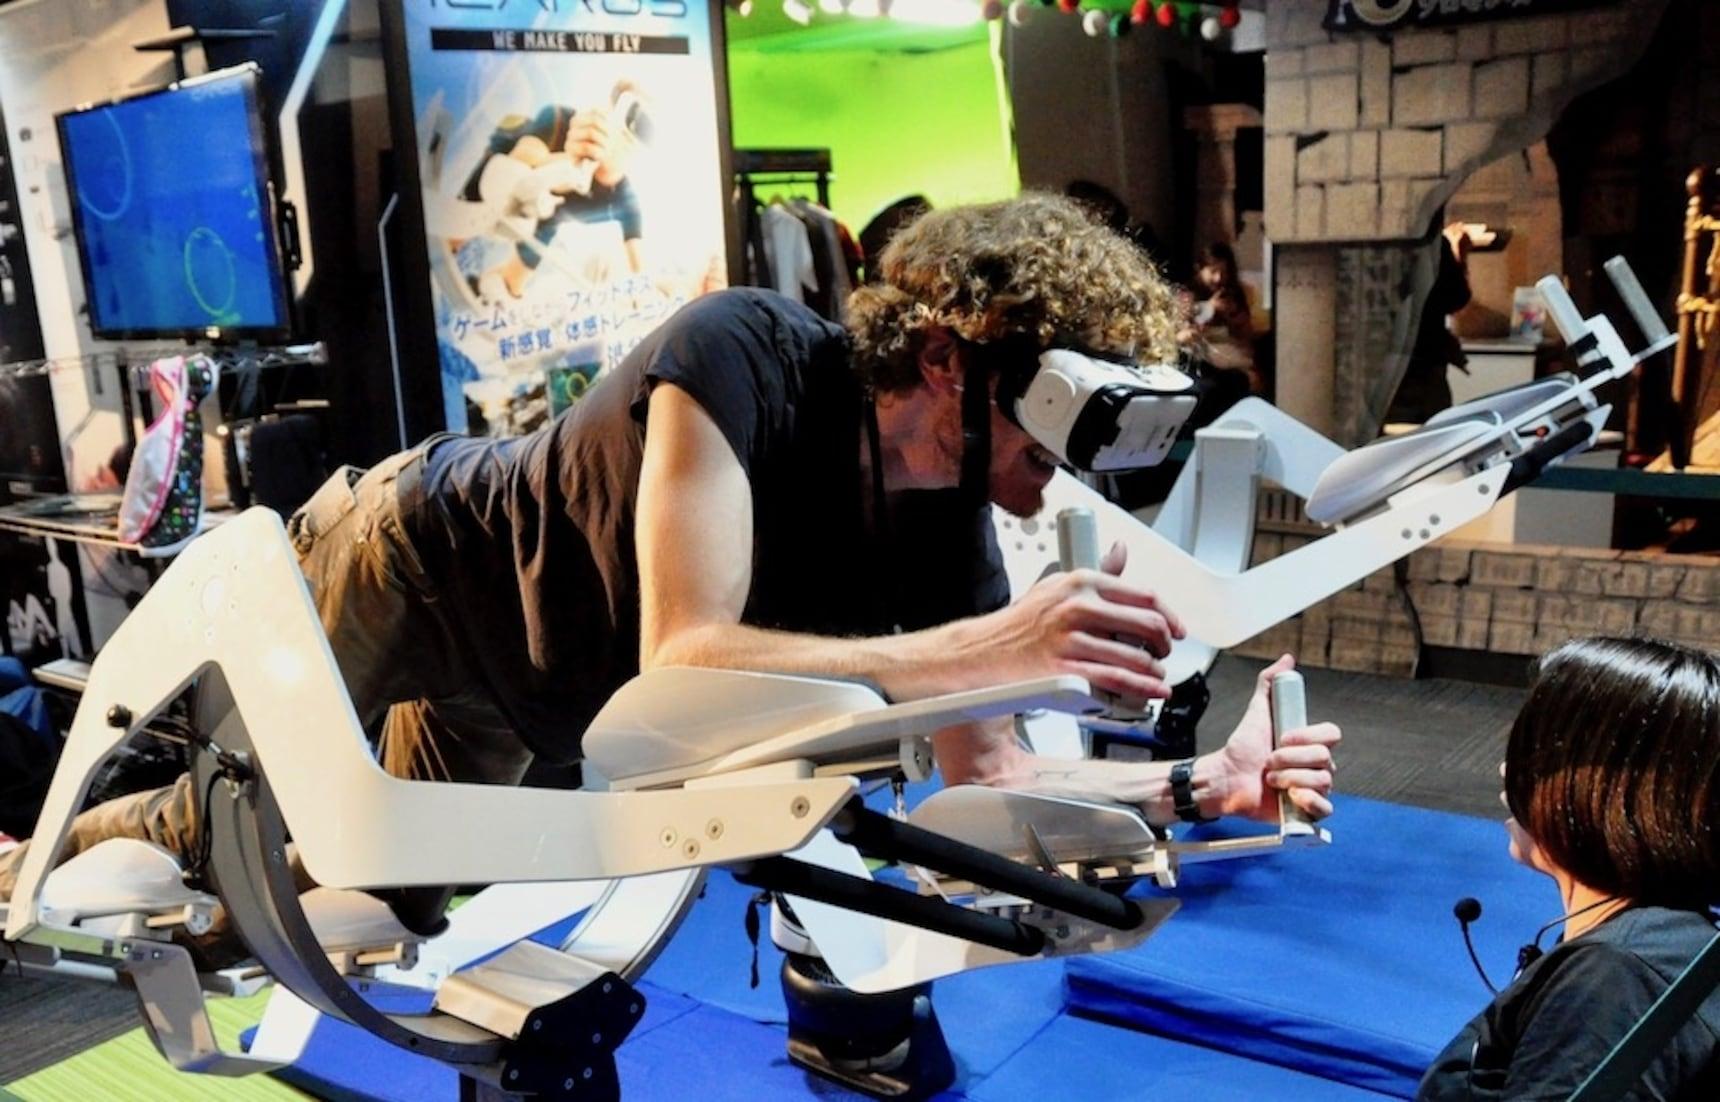 'VR 파크 도쿄'에서 새로운 세계로 떠나자